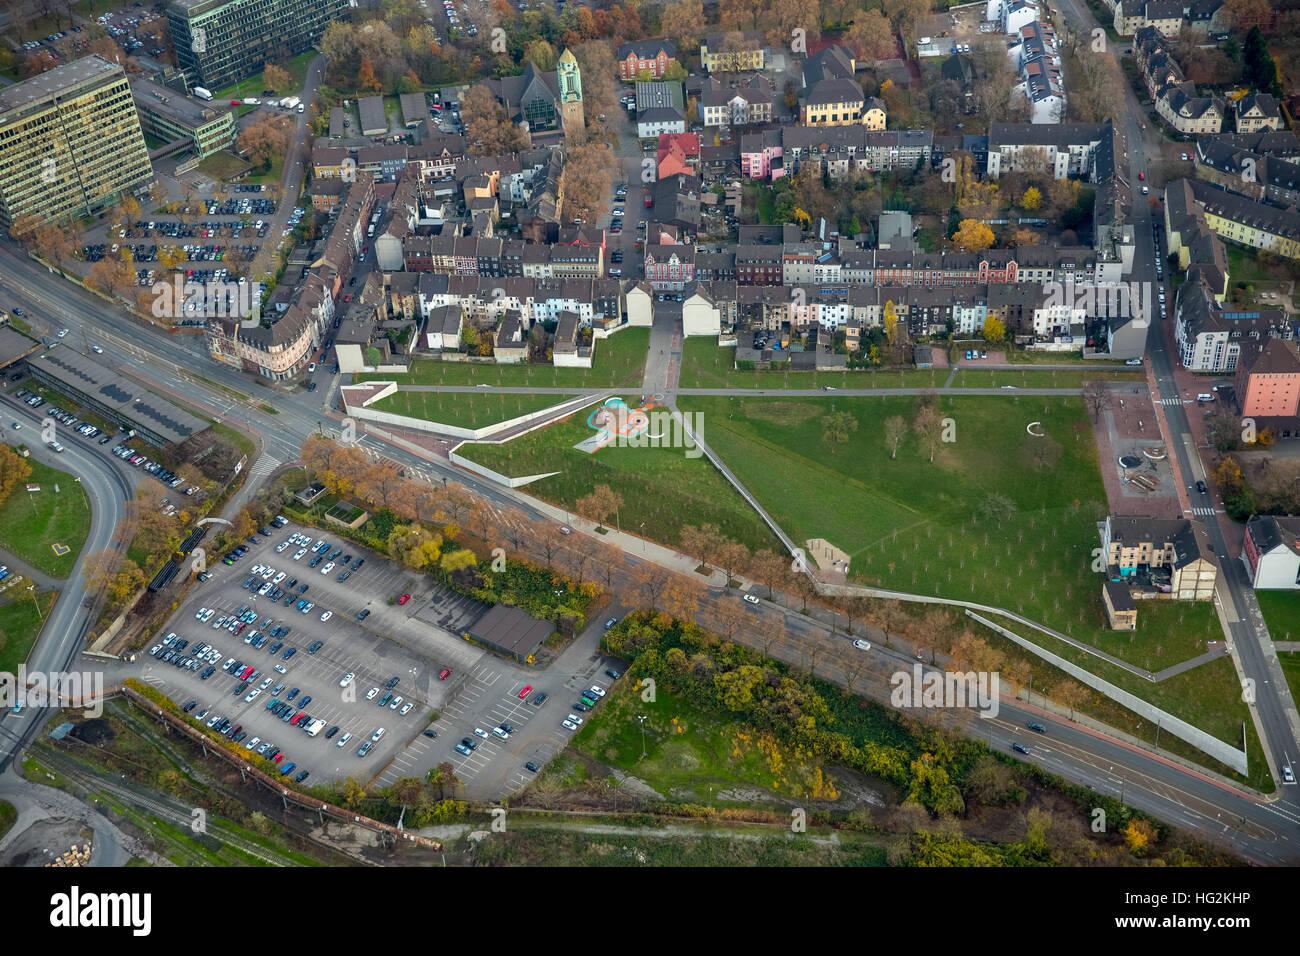 Aerial view, greenbelt Bruckhausen Kaiser Wilhelmstrasse, social focus, Duisburg, Ruhr aeria, north rhine-westphalia, - Stock Image